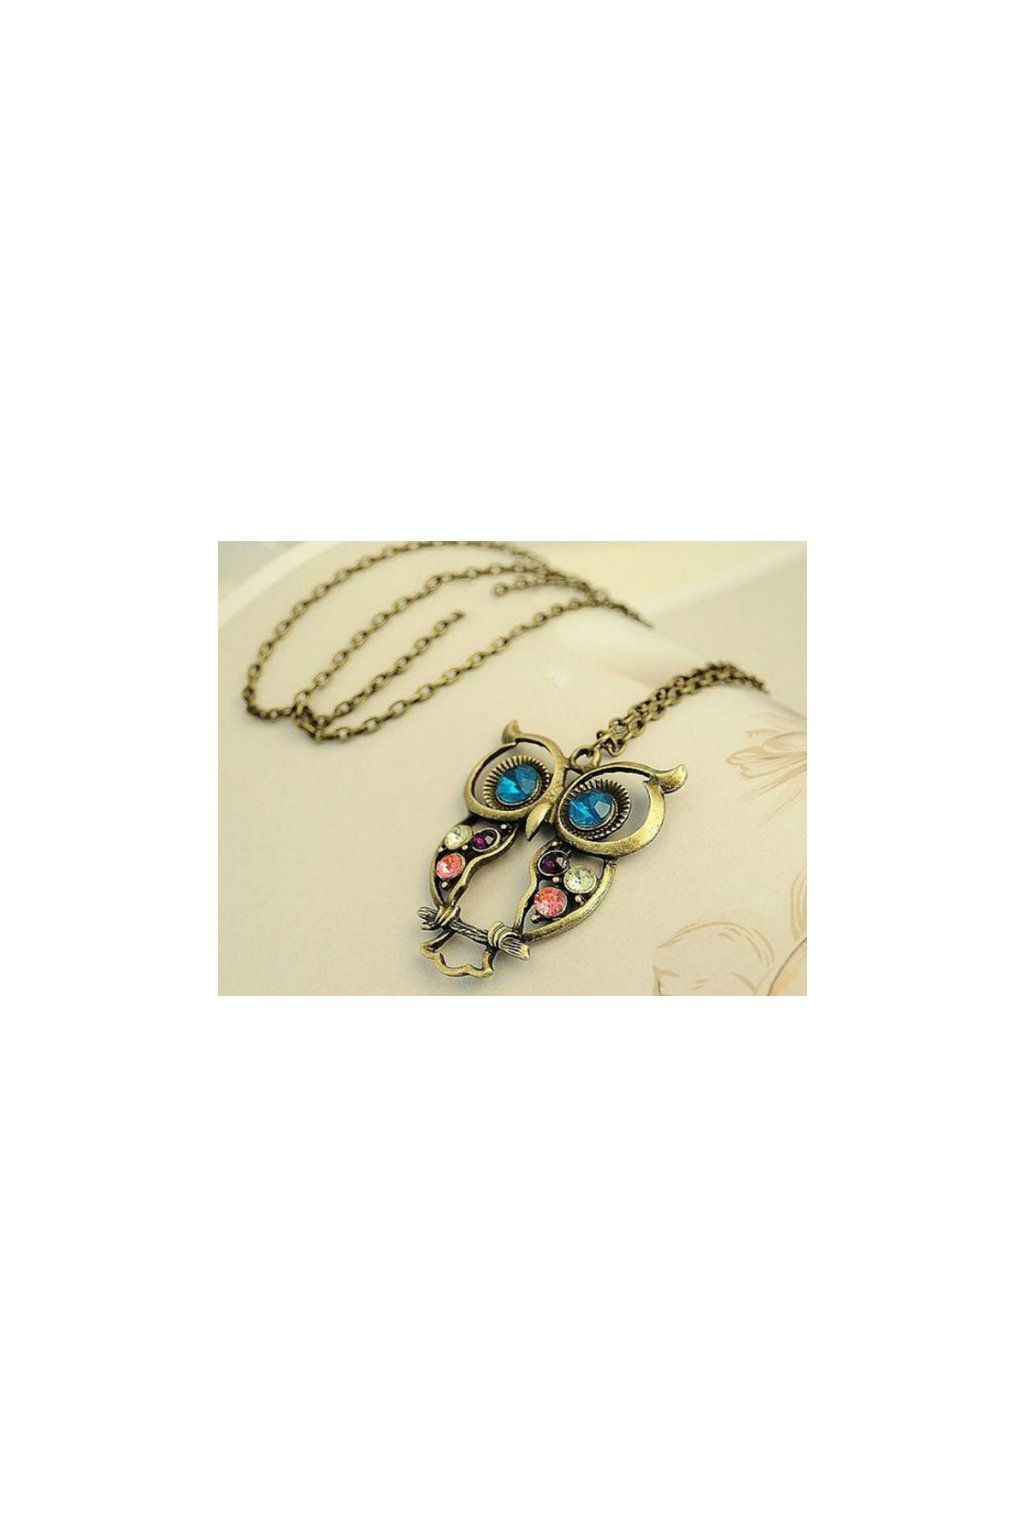 Dlouhý náhrdelník se sovou